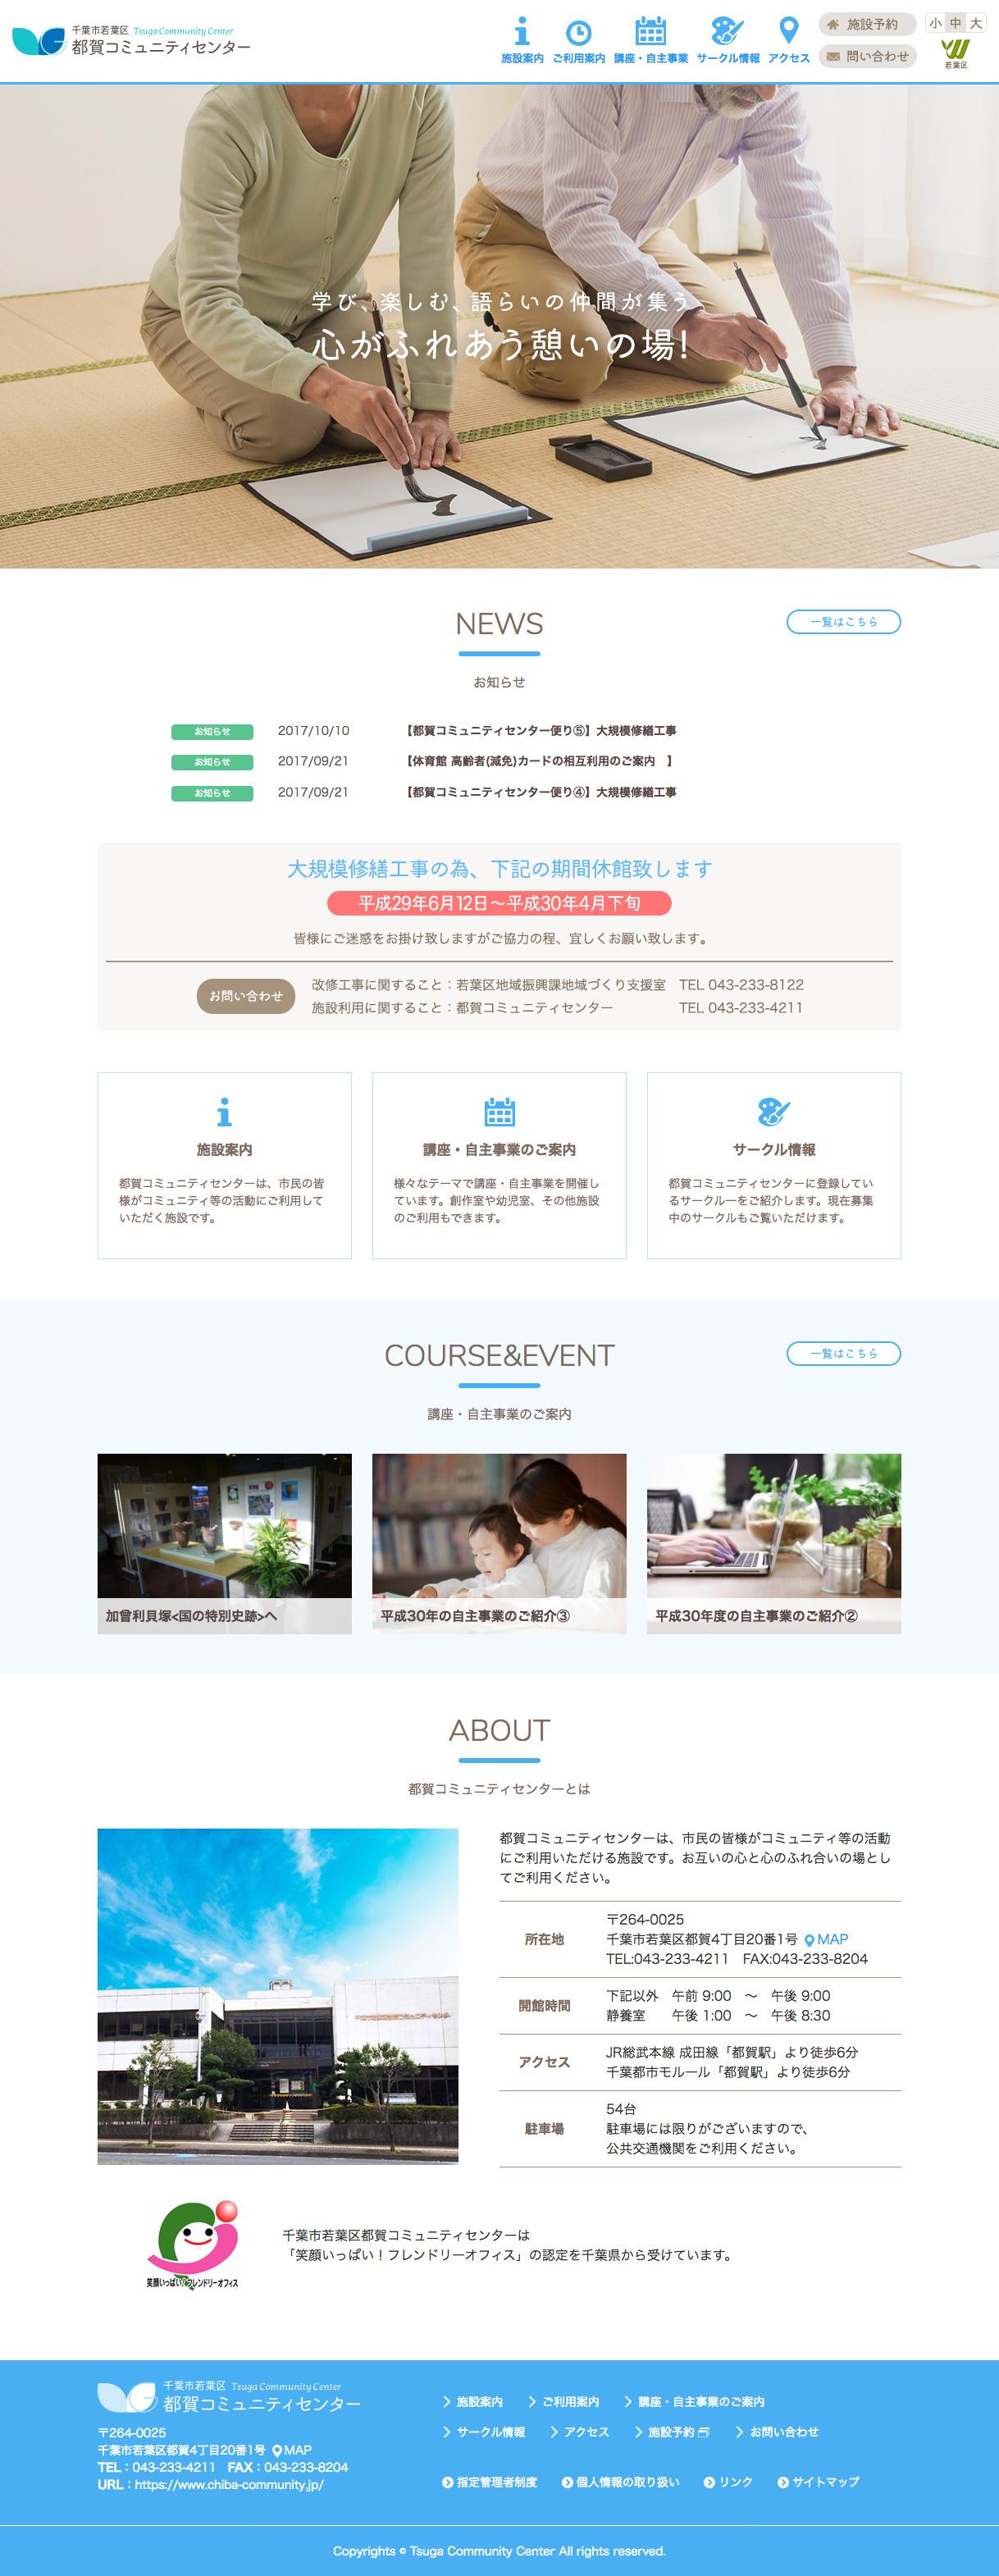 都賀コミュニティセンター オフィシャルサイト